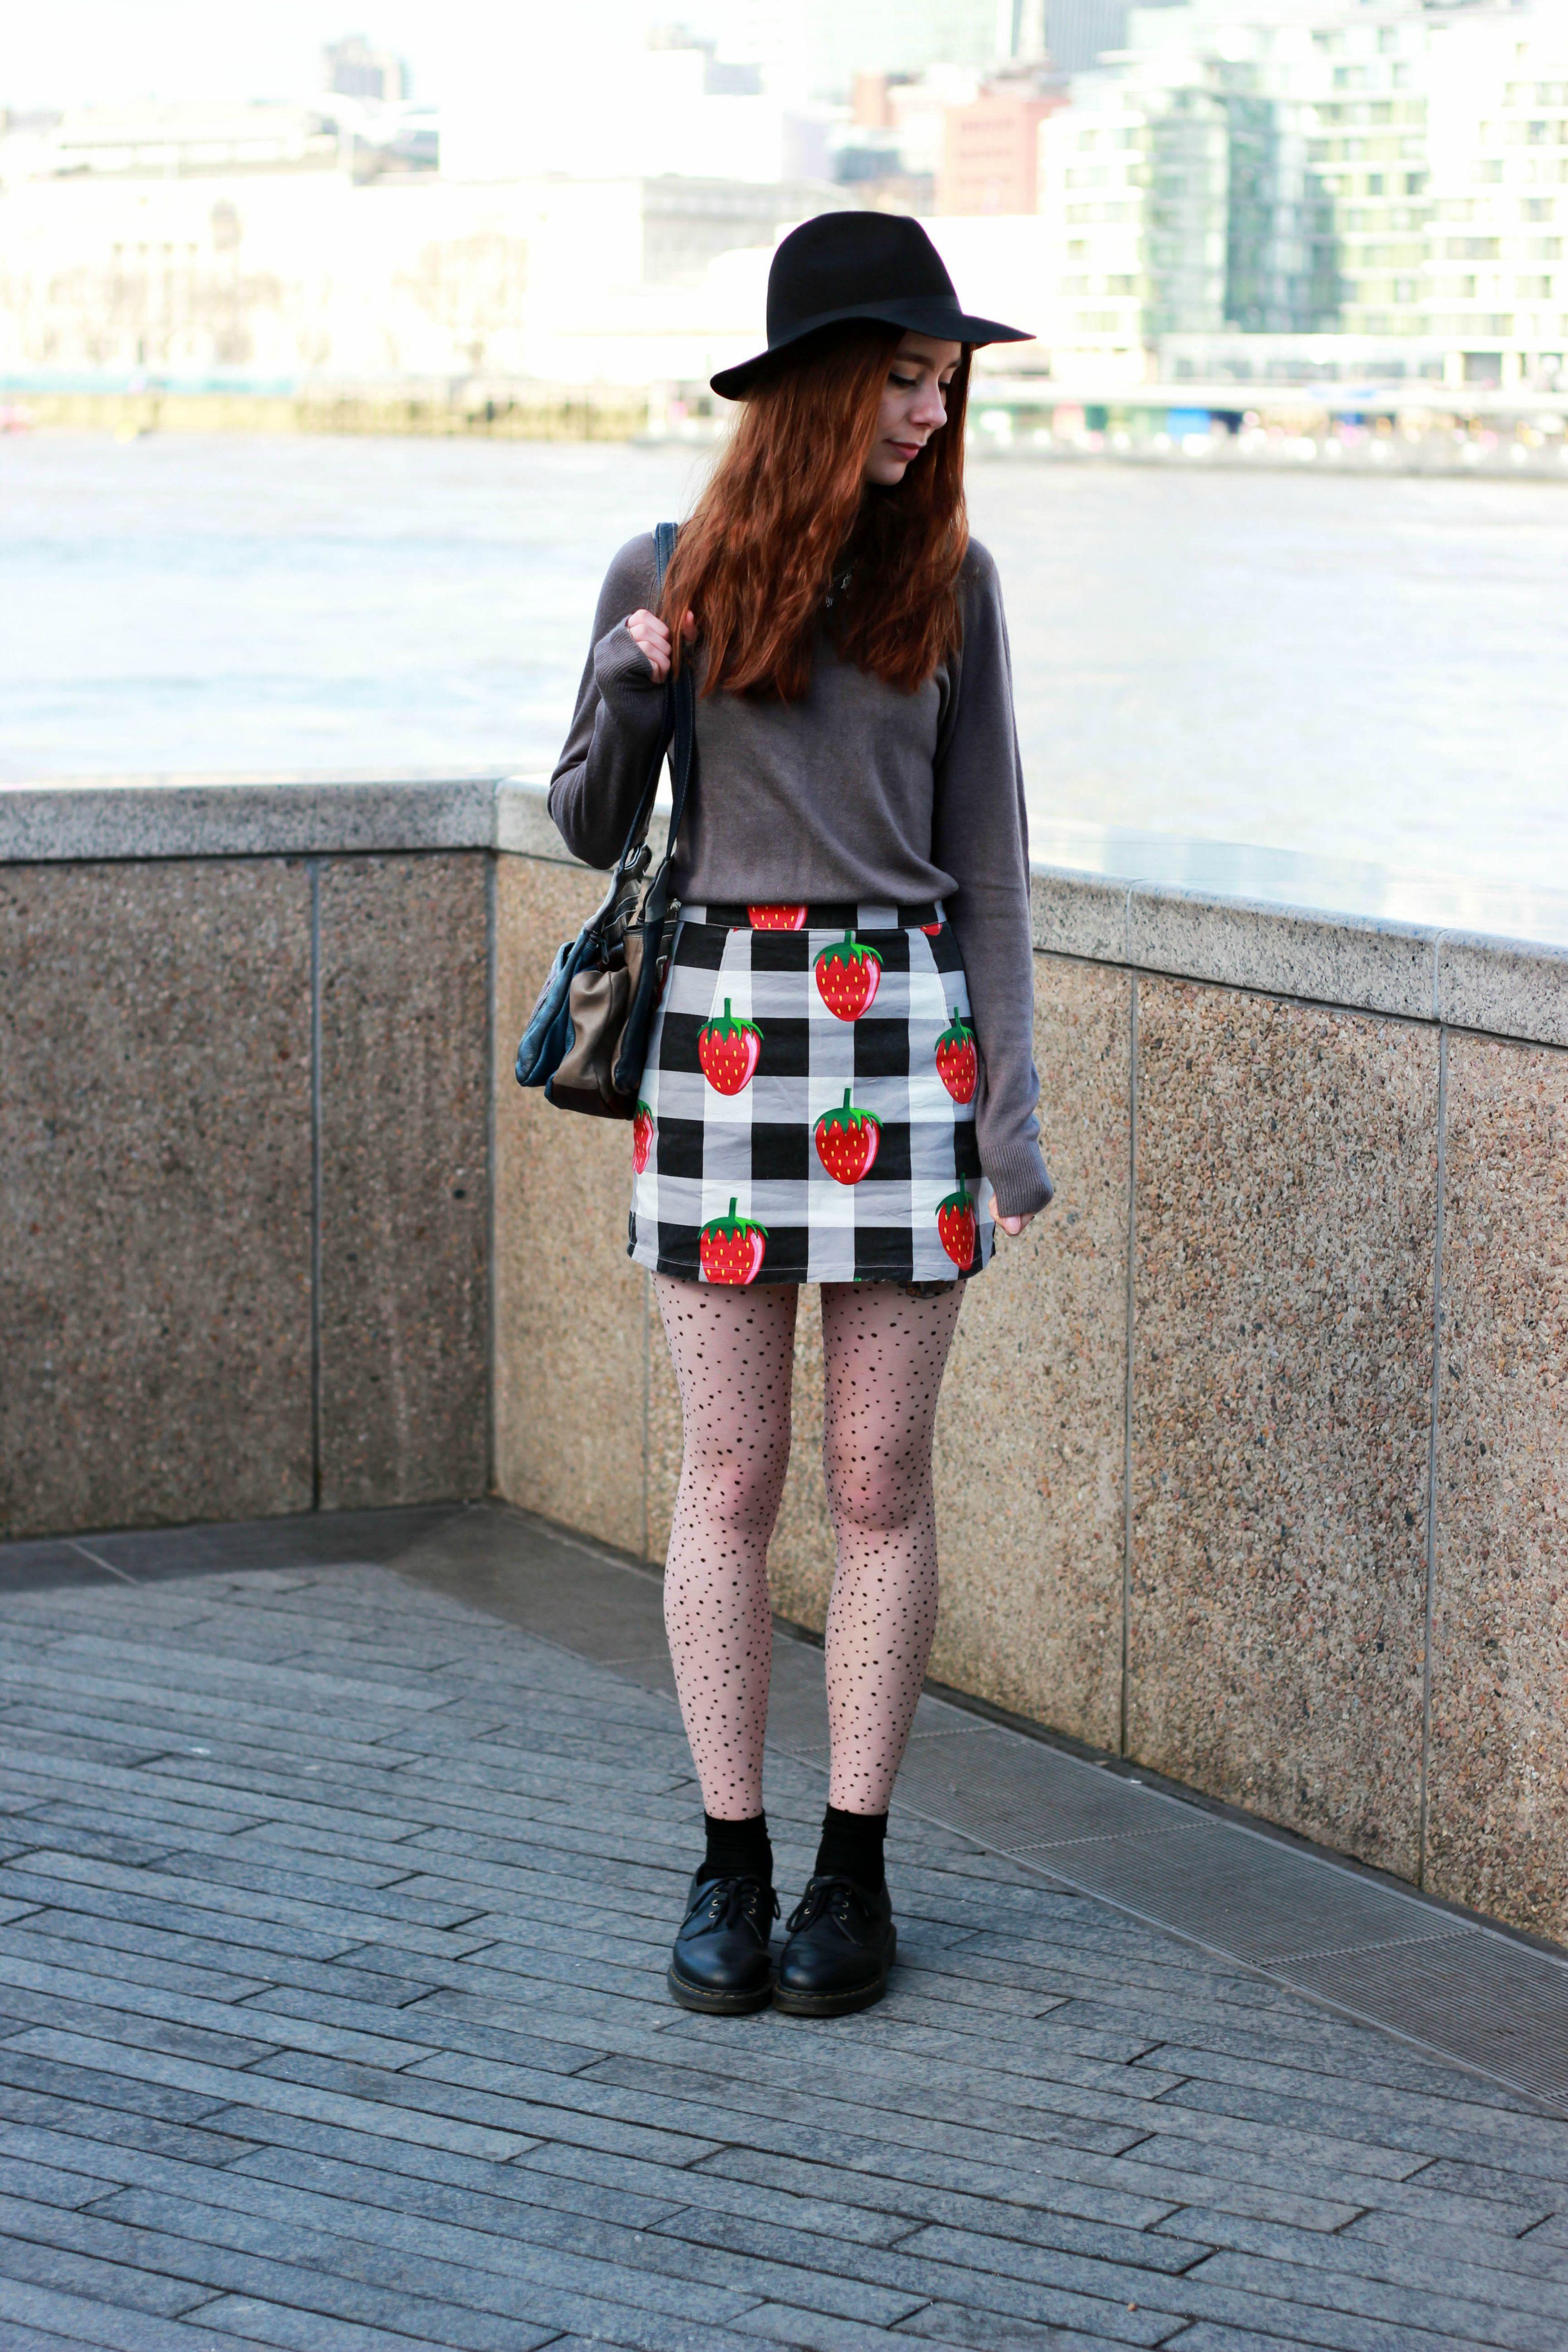 Topshop fedora, Lazy Oaf Skirt, UK Tights